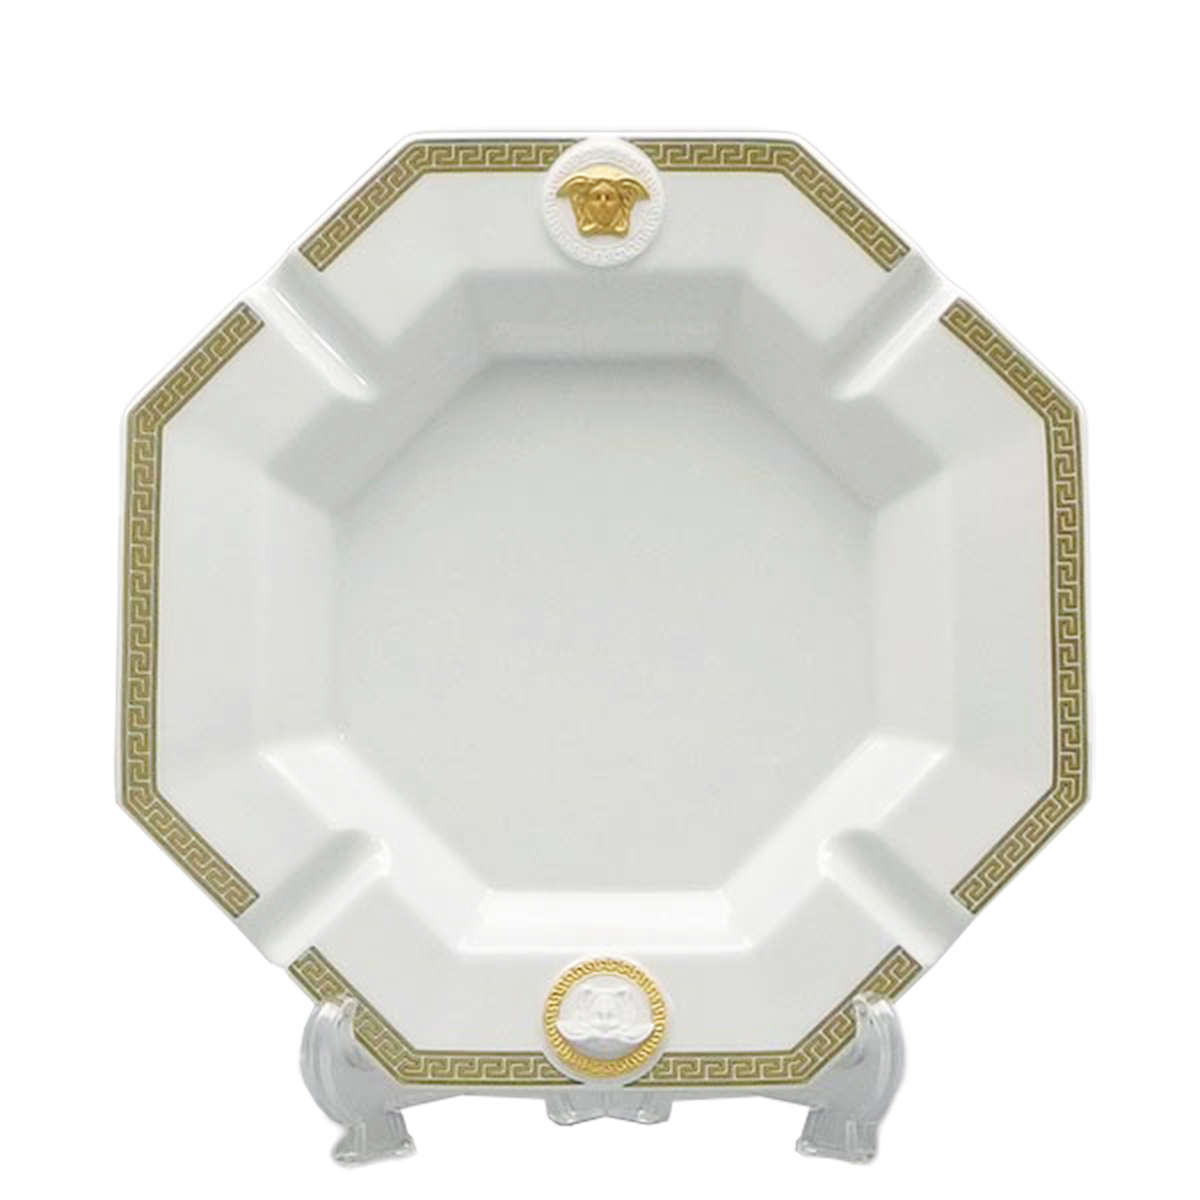 ヴェルサーチェ 灰皿 アッシュトレイ 27243 GORGONA ホワイト ゴールド 23cm プレゼント 父の日 誕生日